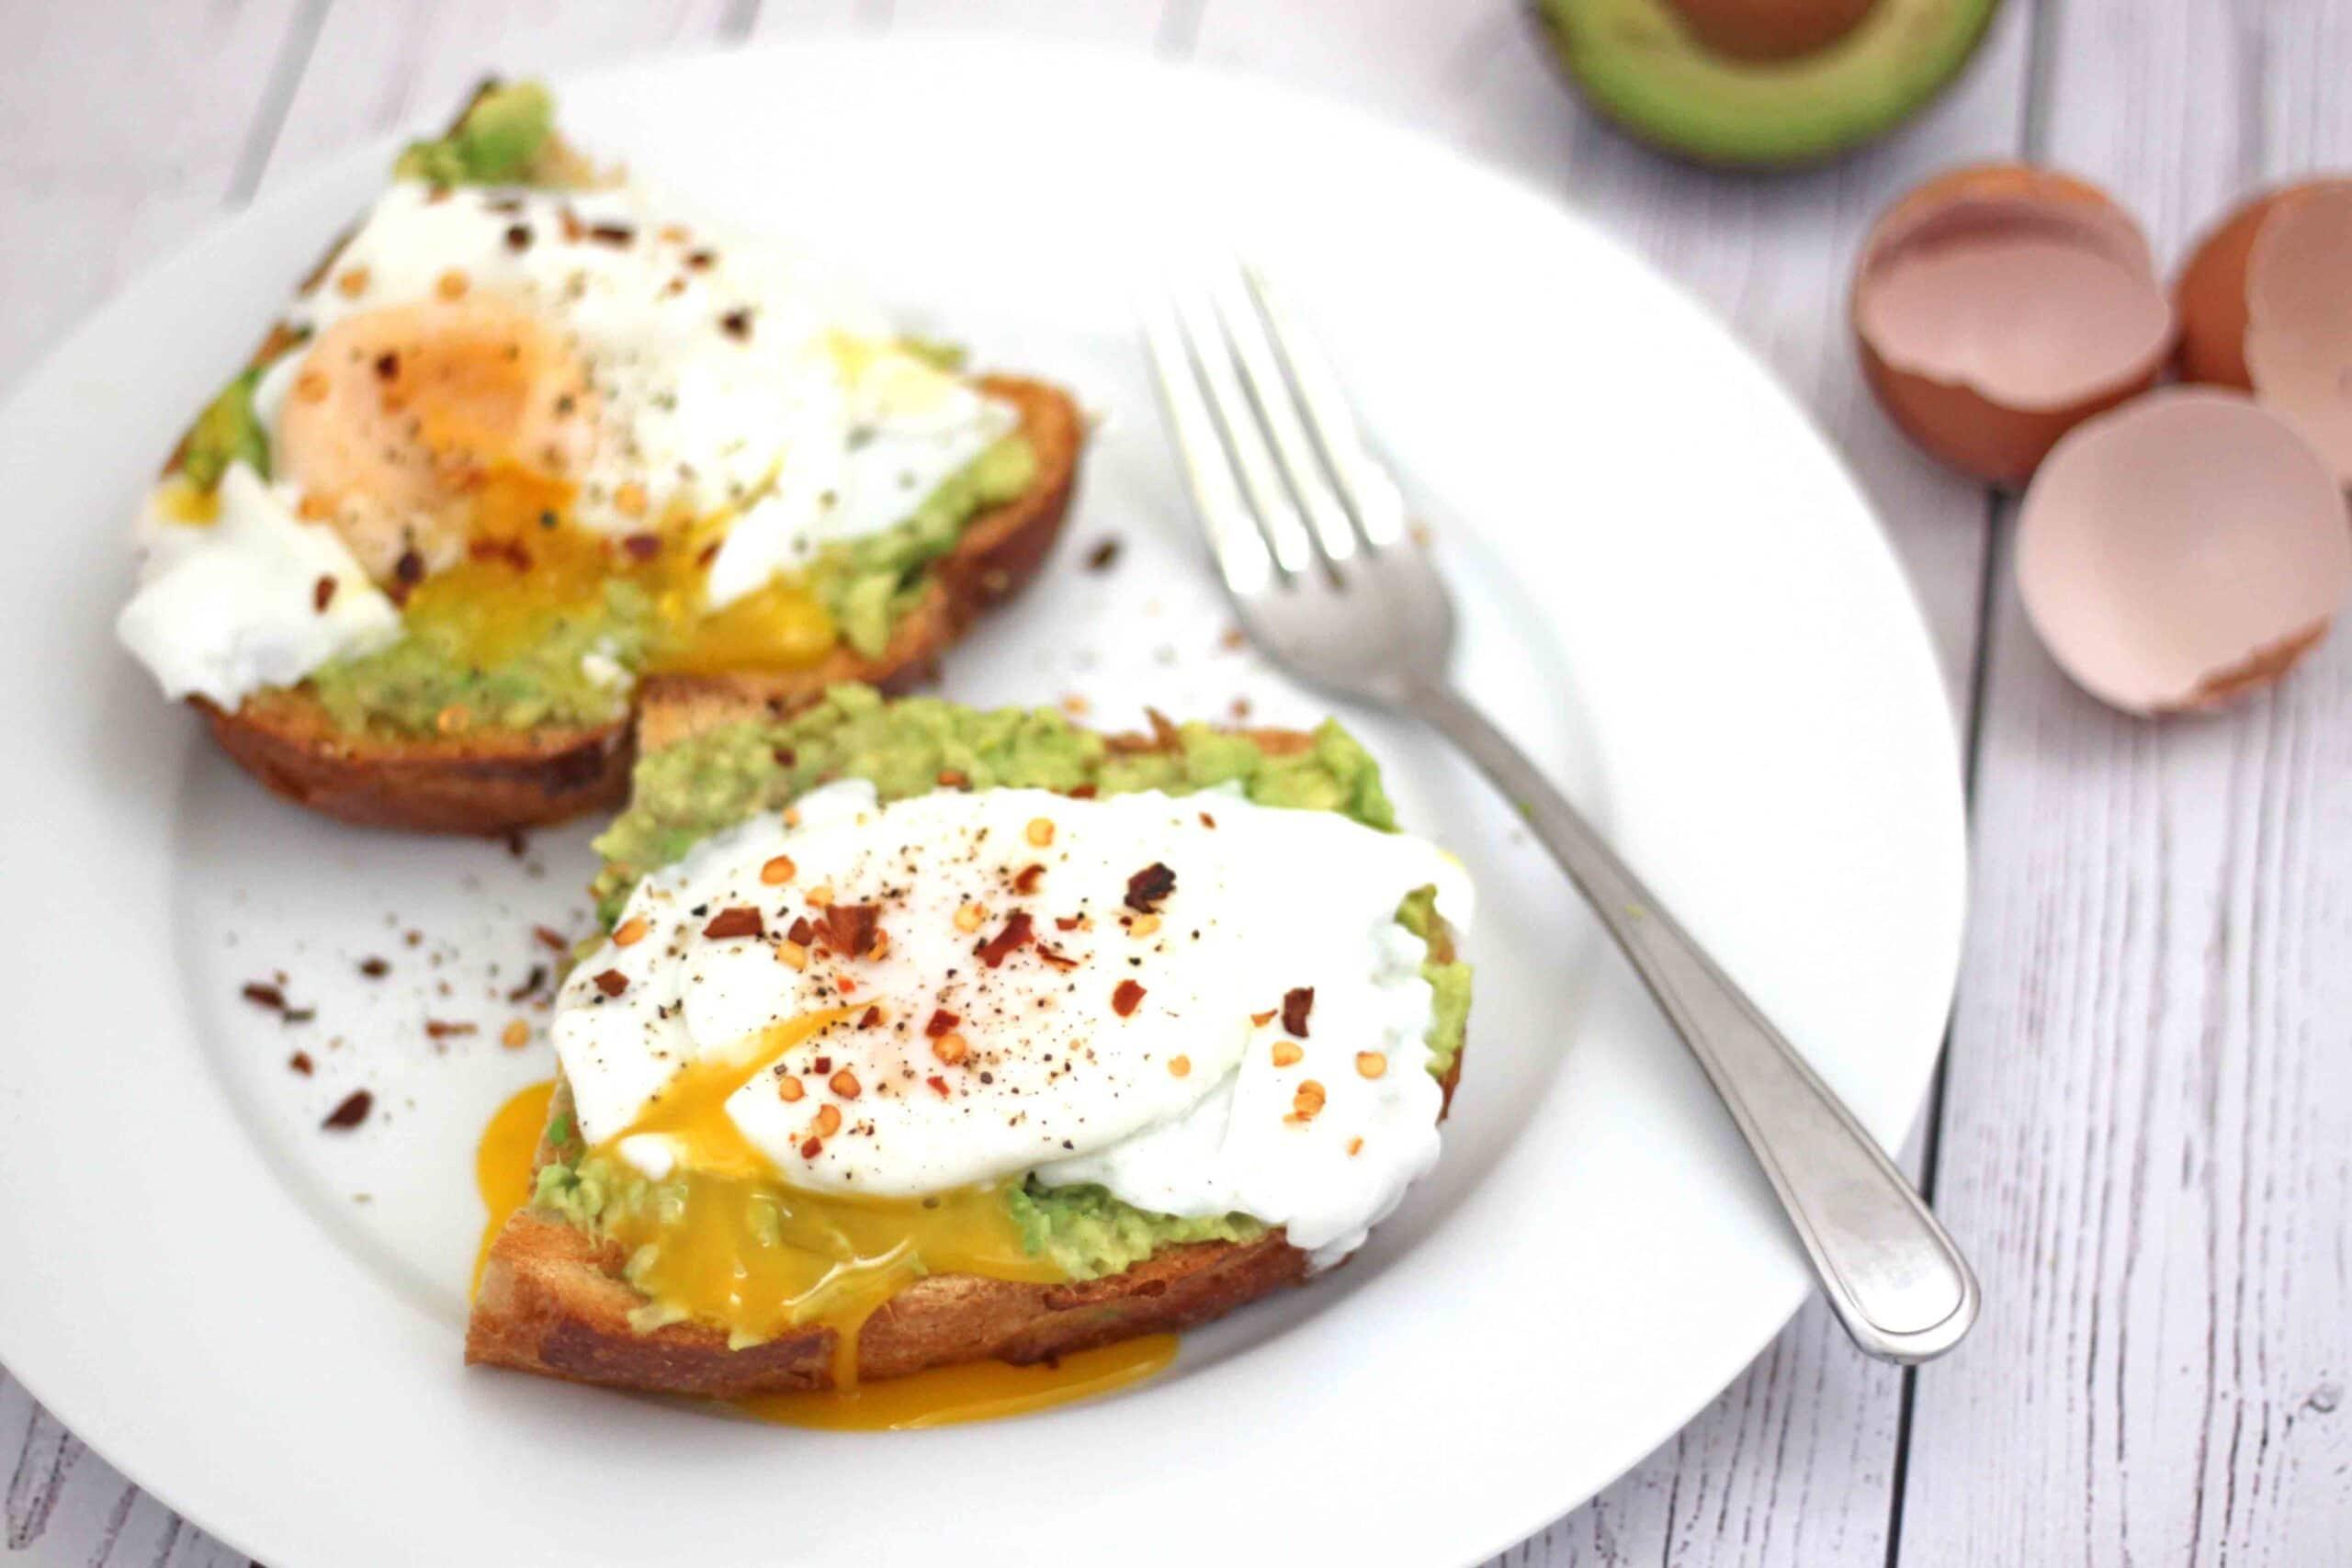 Poached Eggs on Avocado Toast by @jesselwellness